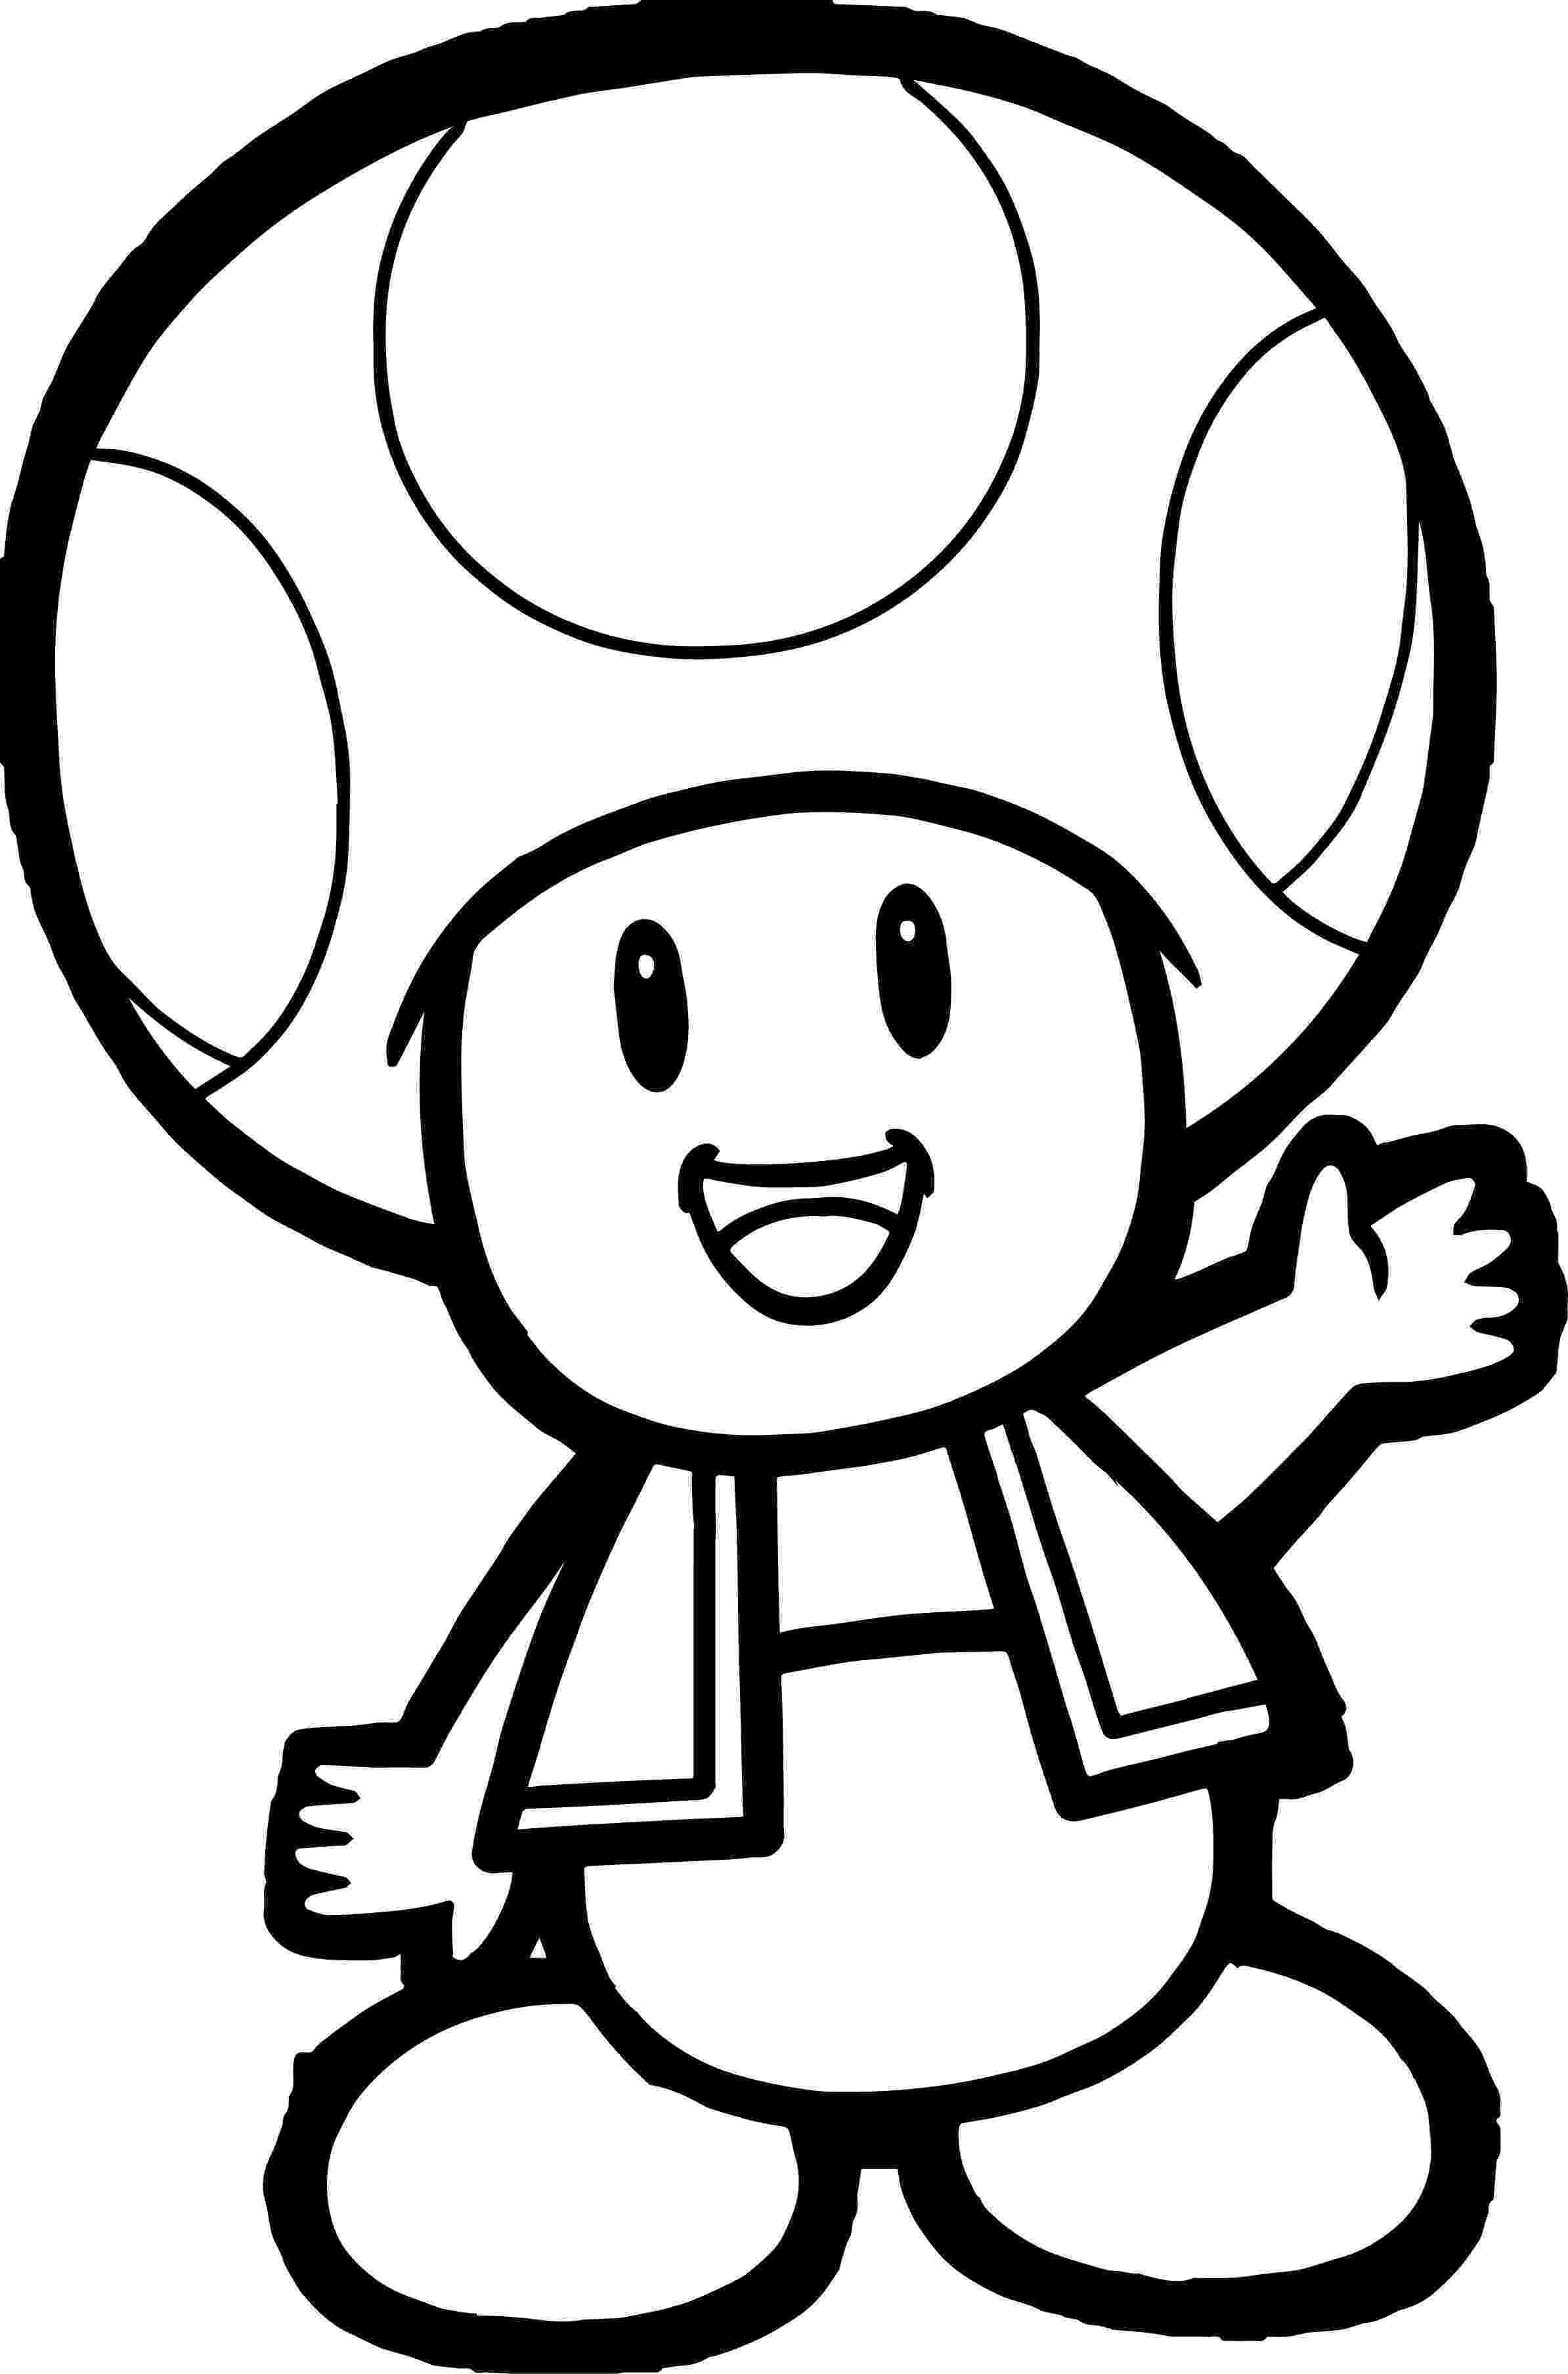 super mario print goomba coloring page at getcoloringscom free printable super mario print